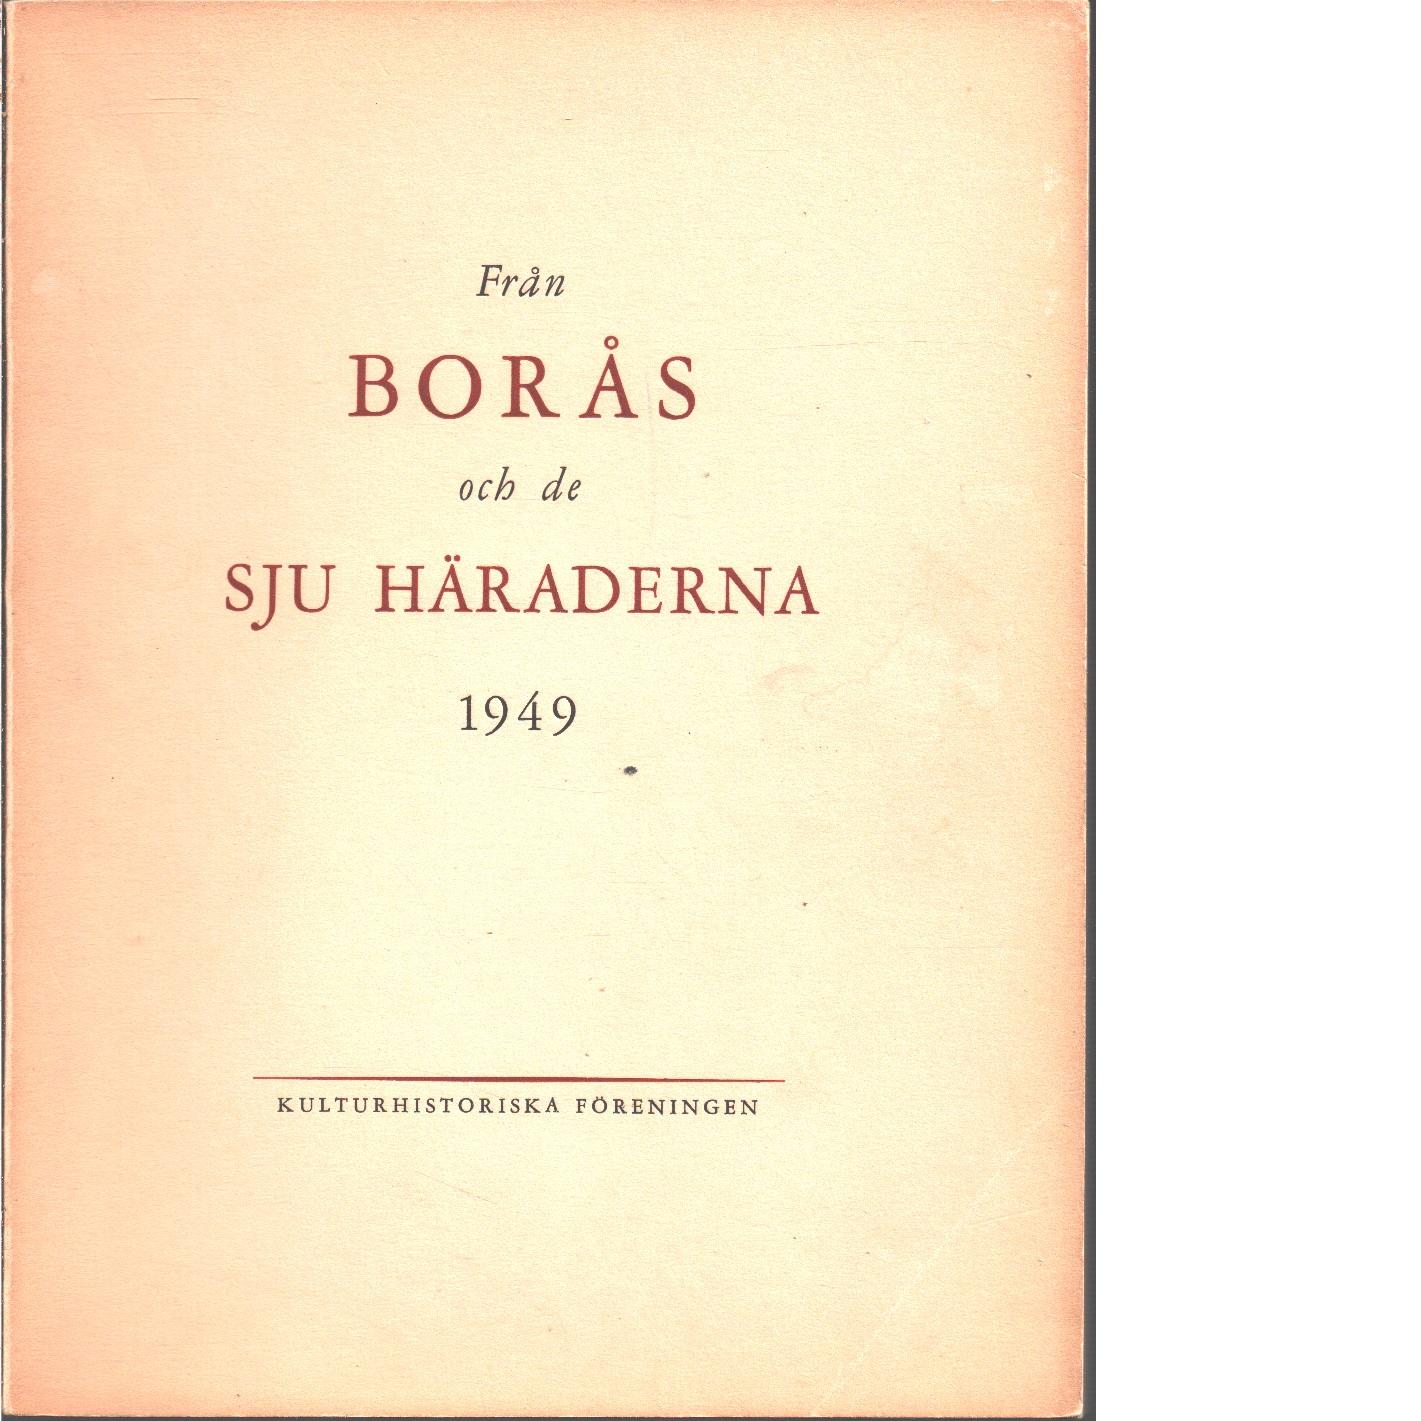 Från Borås och de sju häraderna. 1949 - Red. De sju häradernas kulturhistoriska förening